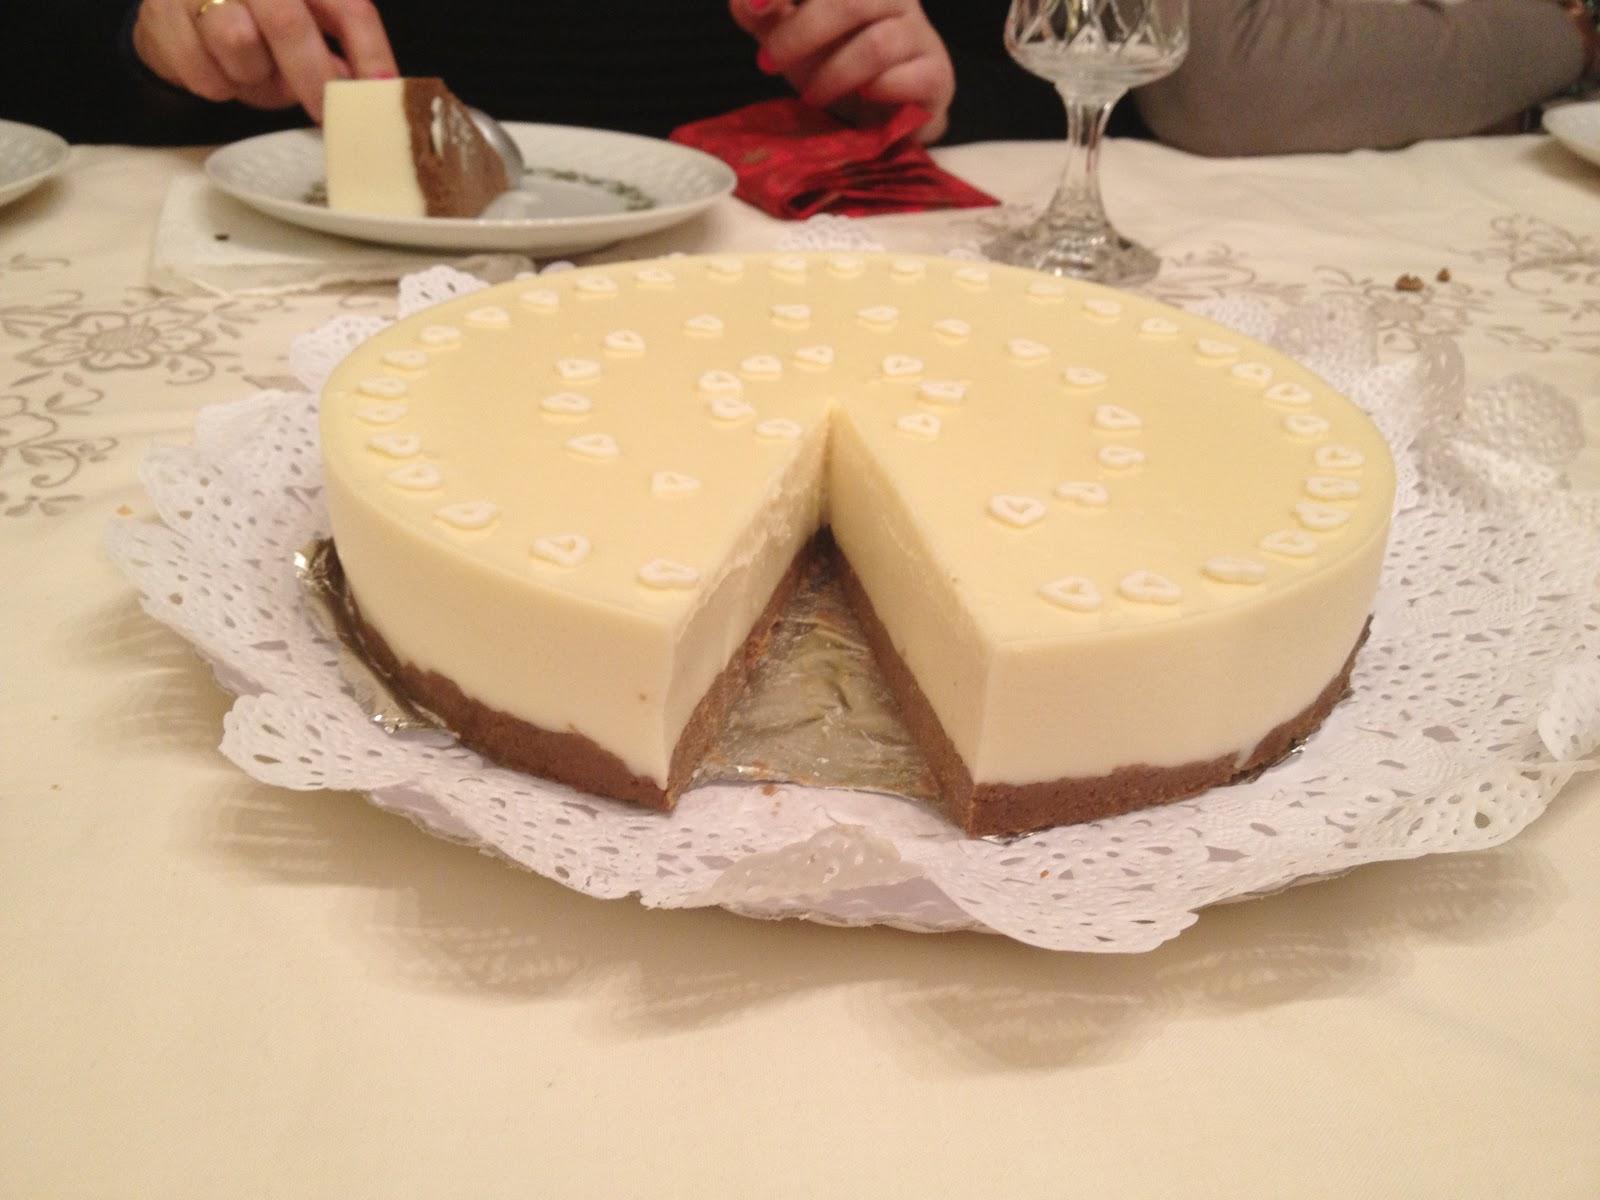 Baño Chocolate Blanco Para Tartas:de chocolate tipo filipinos recomiendo no decorar con mucho tiempo de